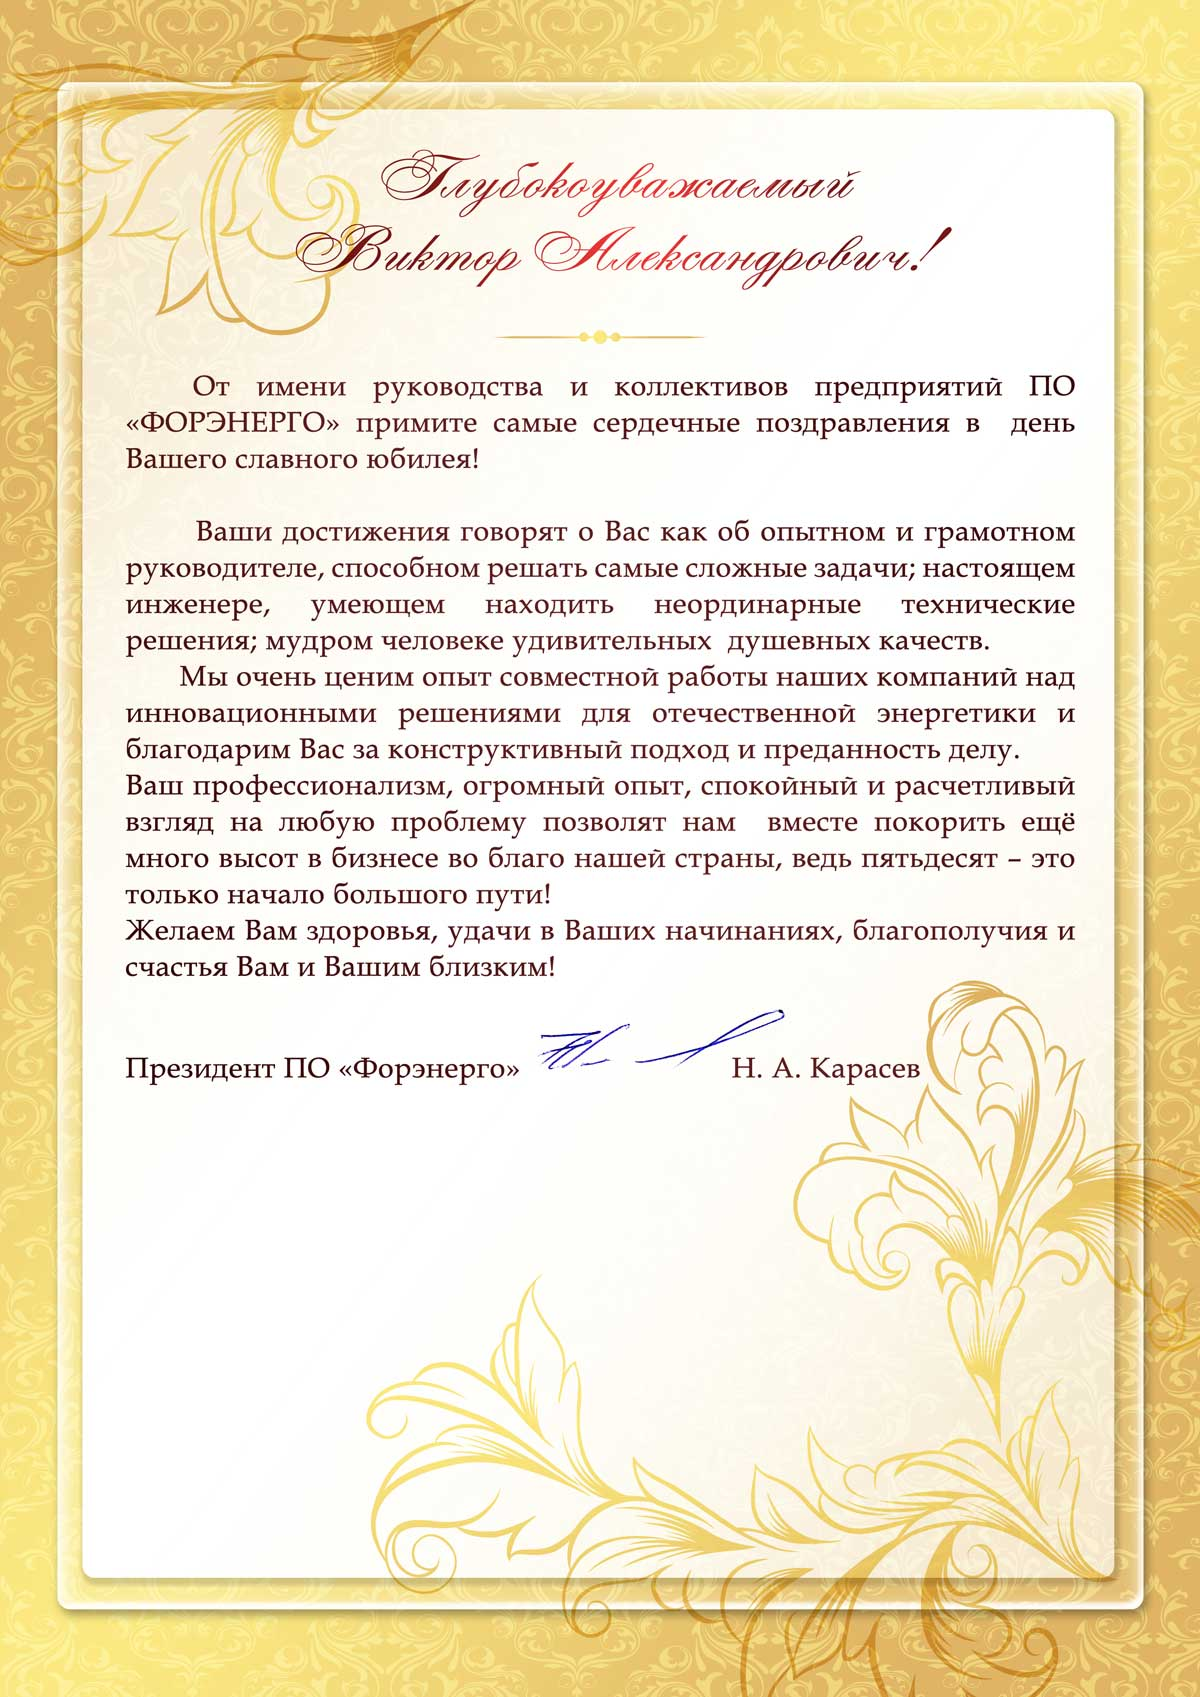 Поздравления начальнику с юбилеем от коллег - Поздравок 13